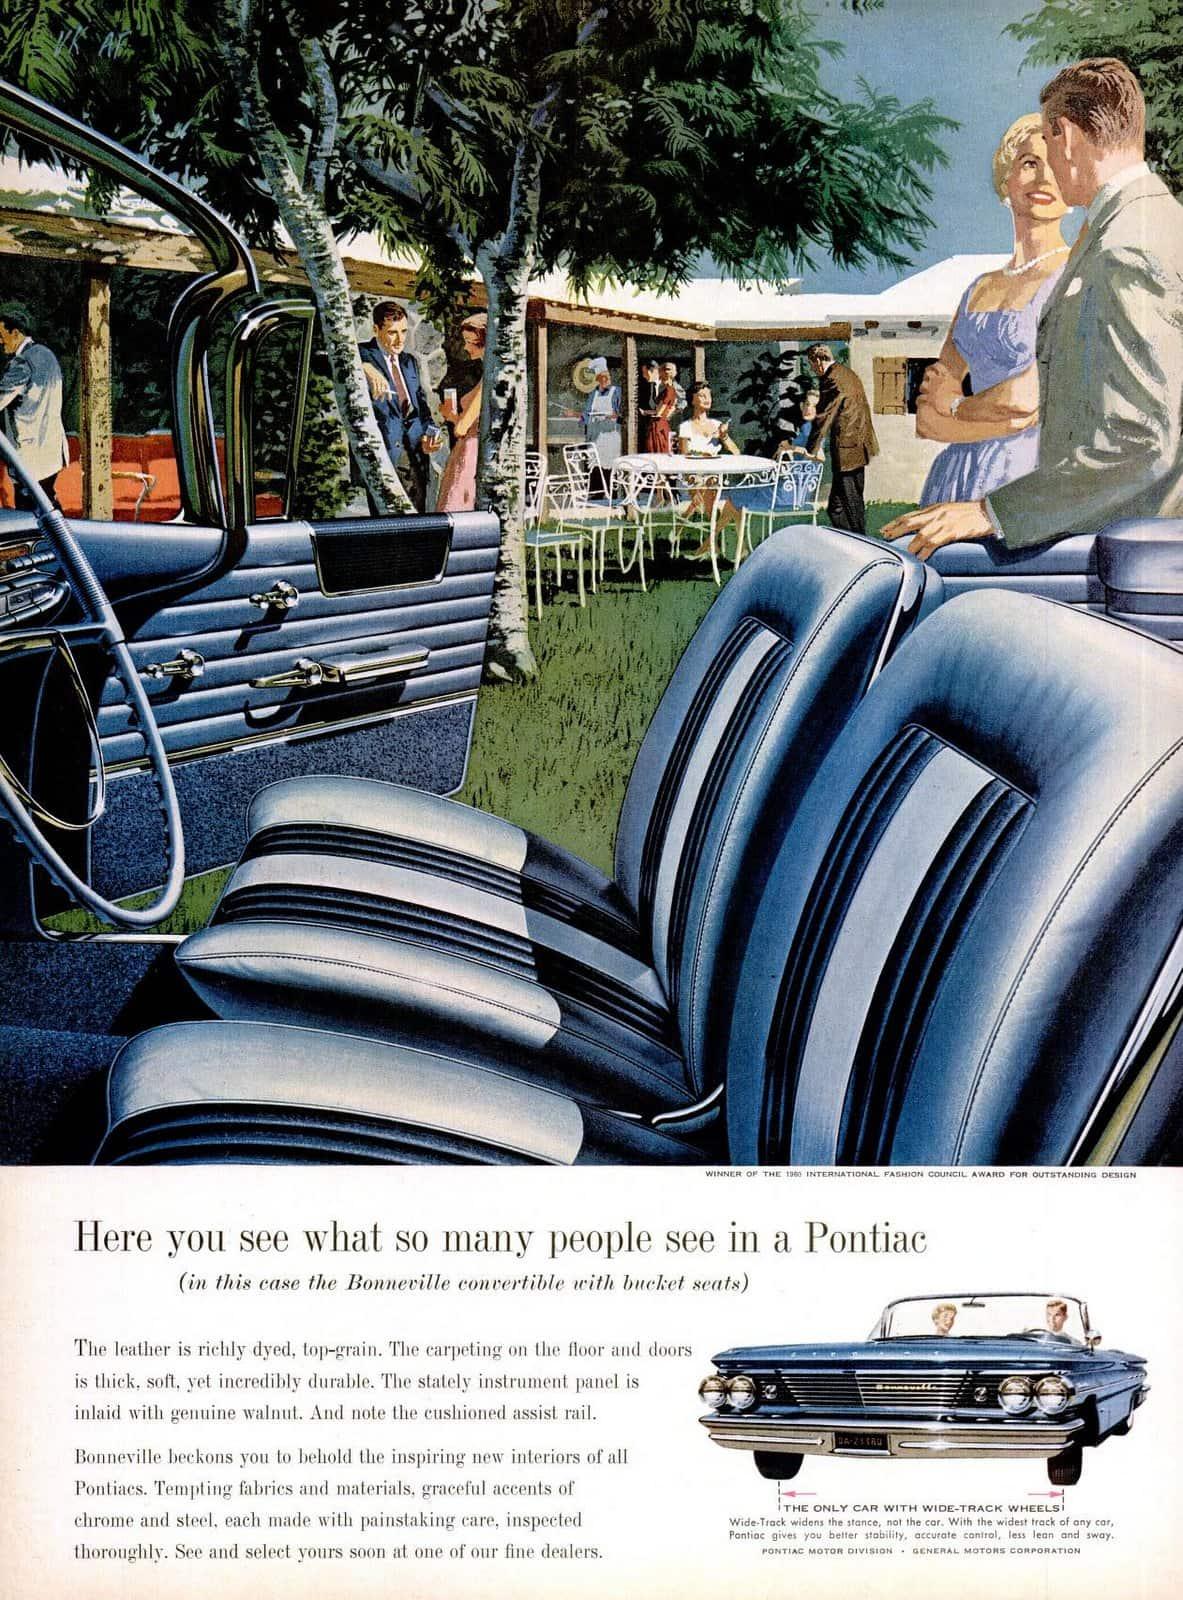 1960 Pontiac car interiors